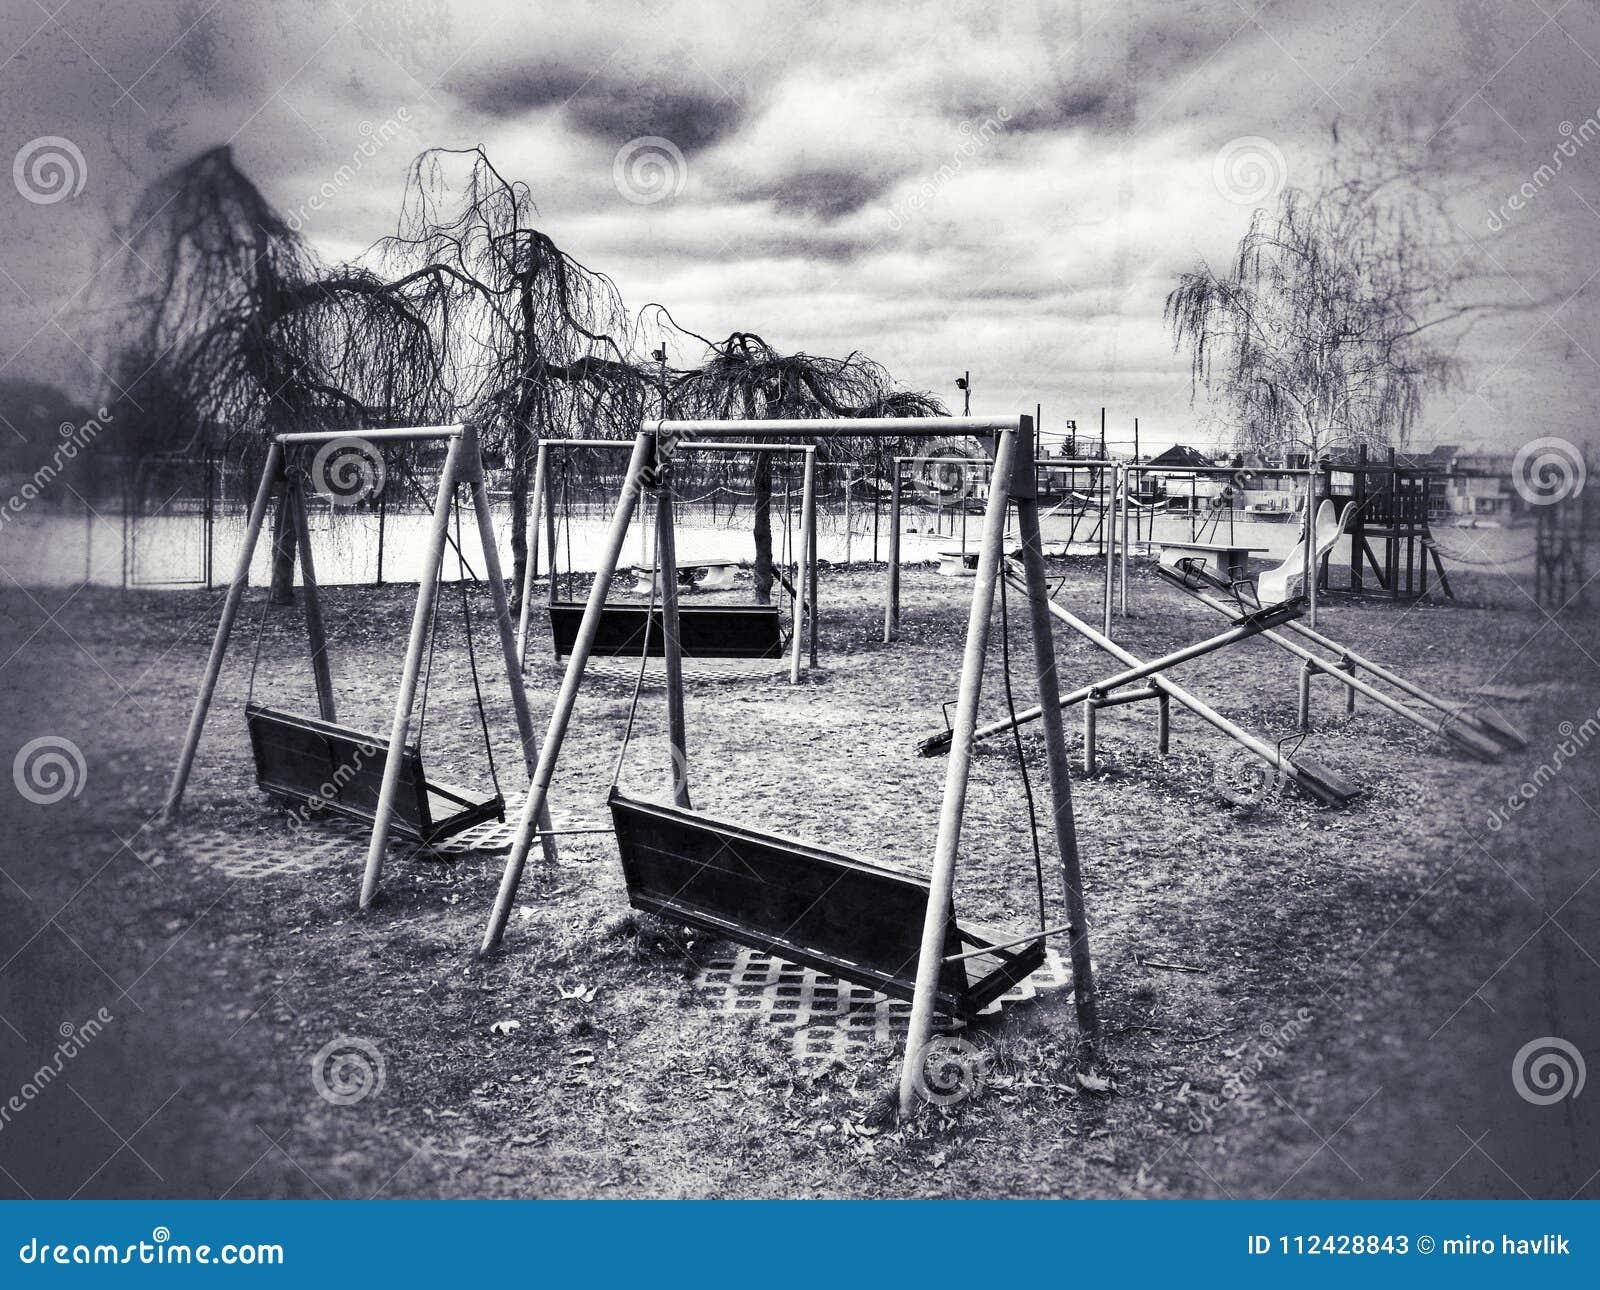 Abandoned Playground Stock Image Image Of Abandoned 112428843